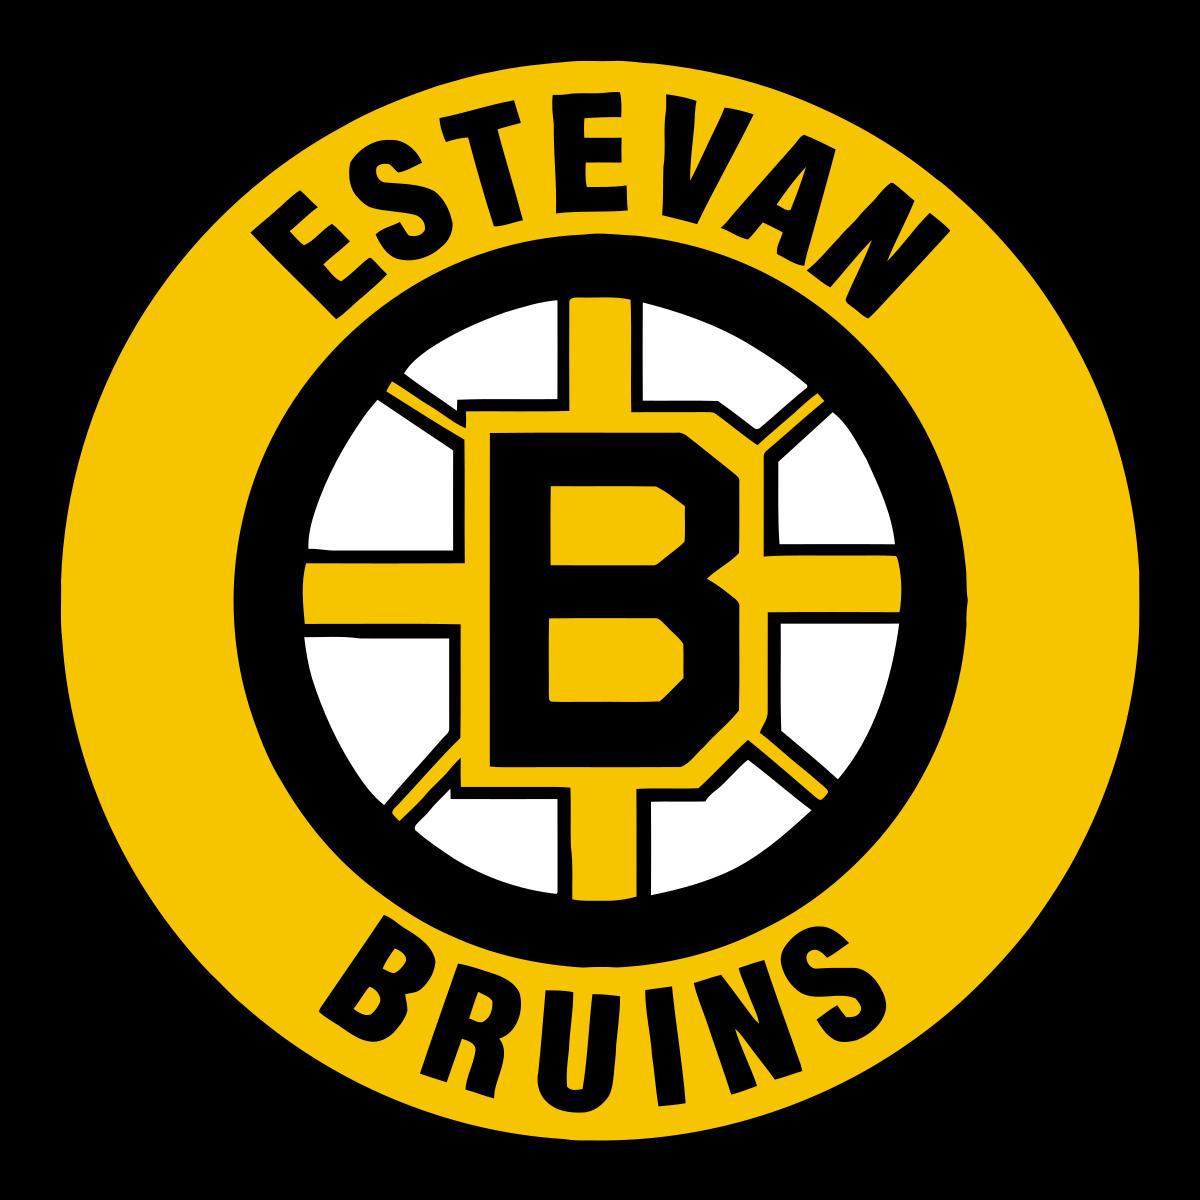 File:Estevan Bruins.png